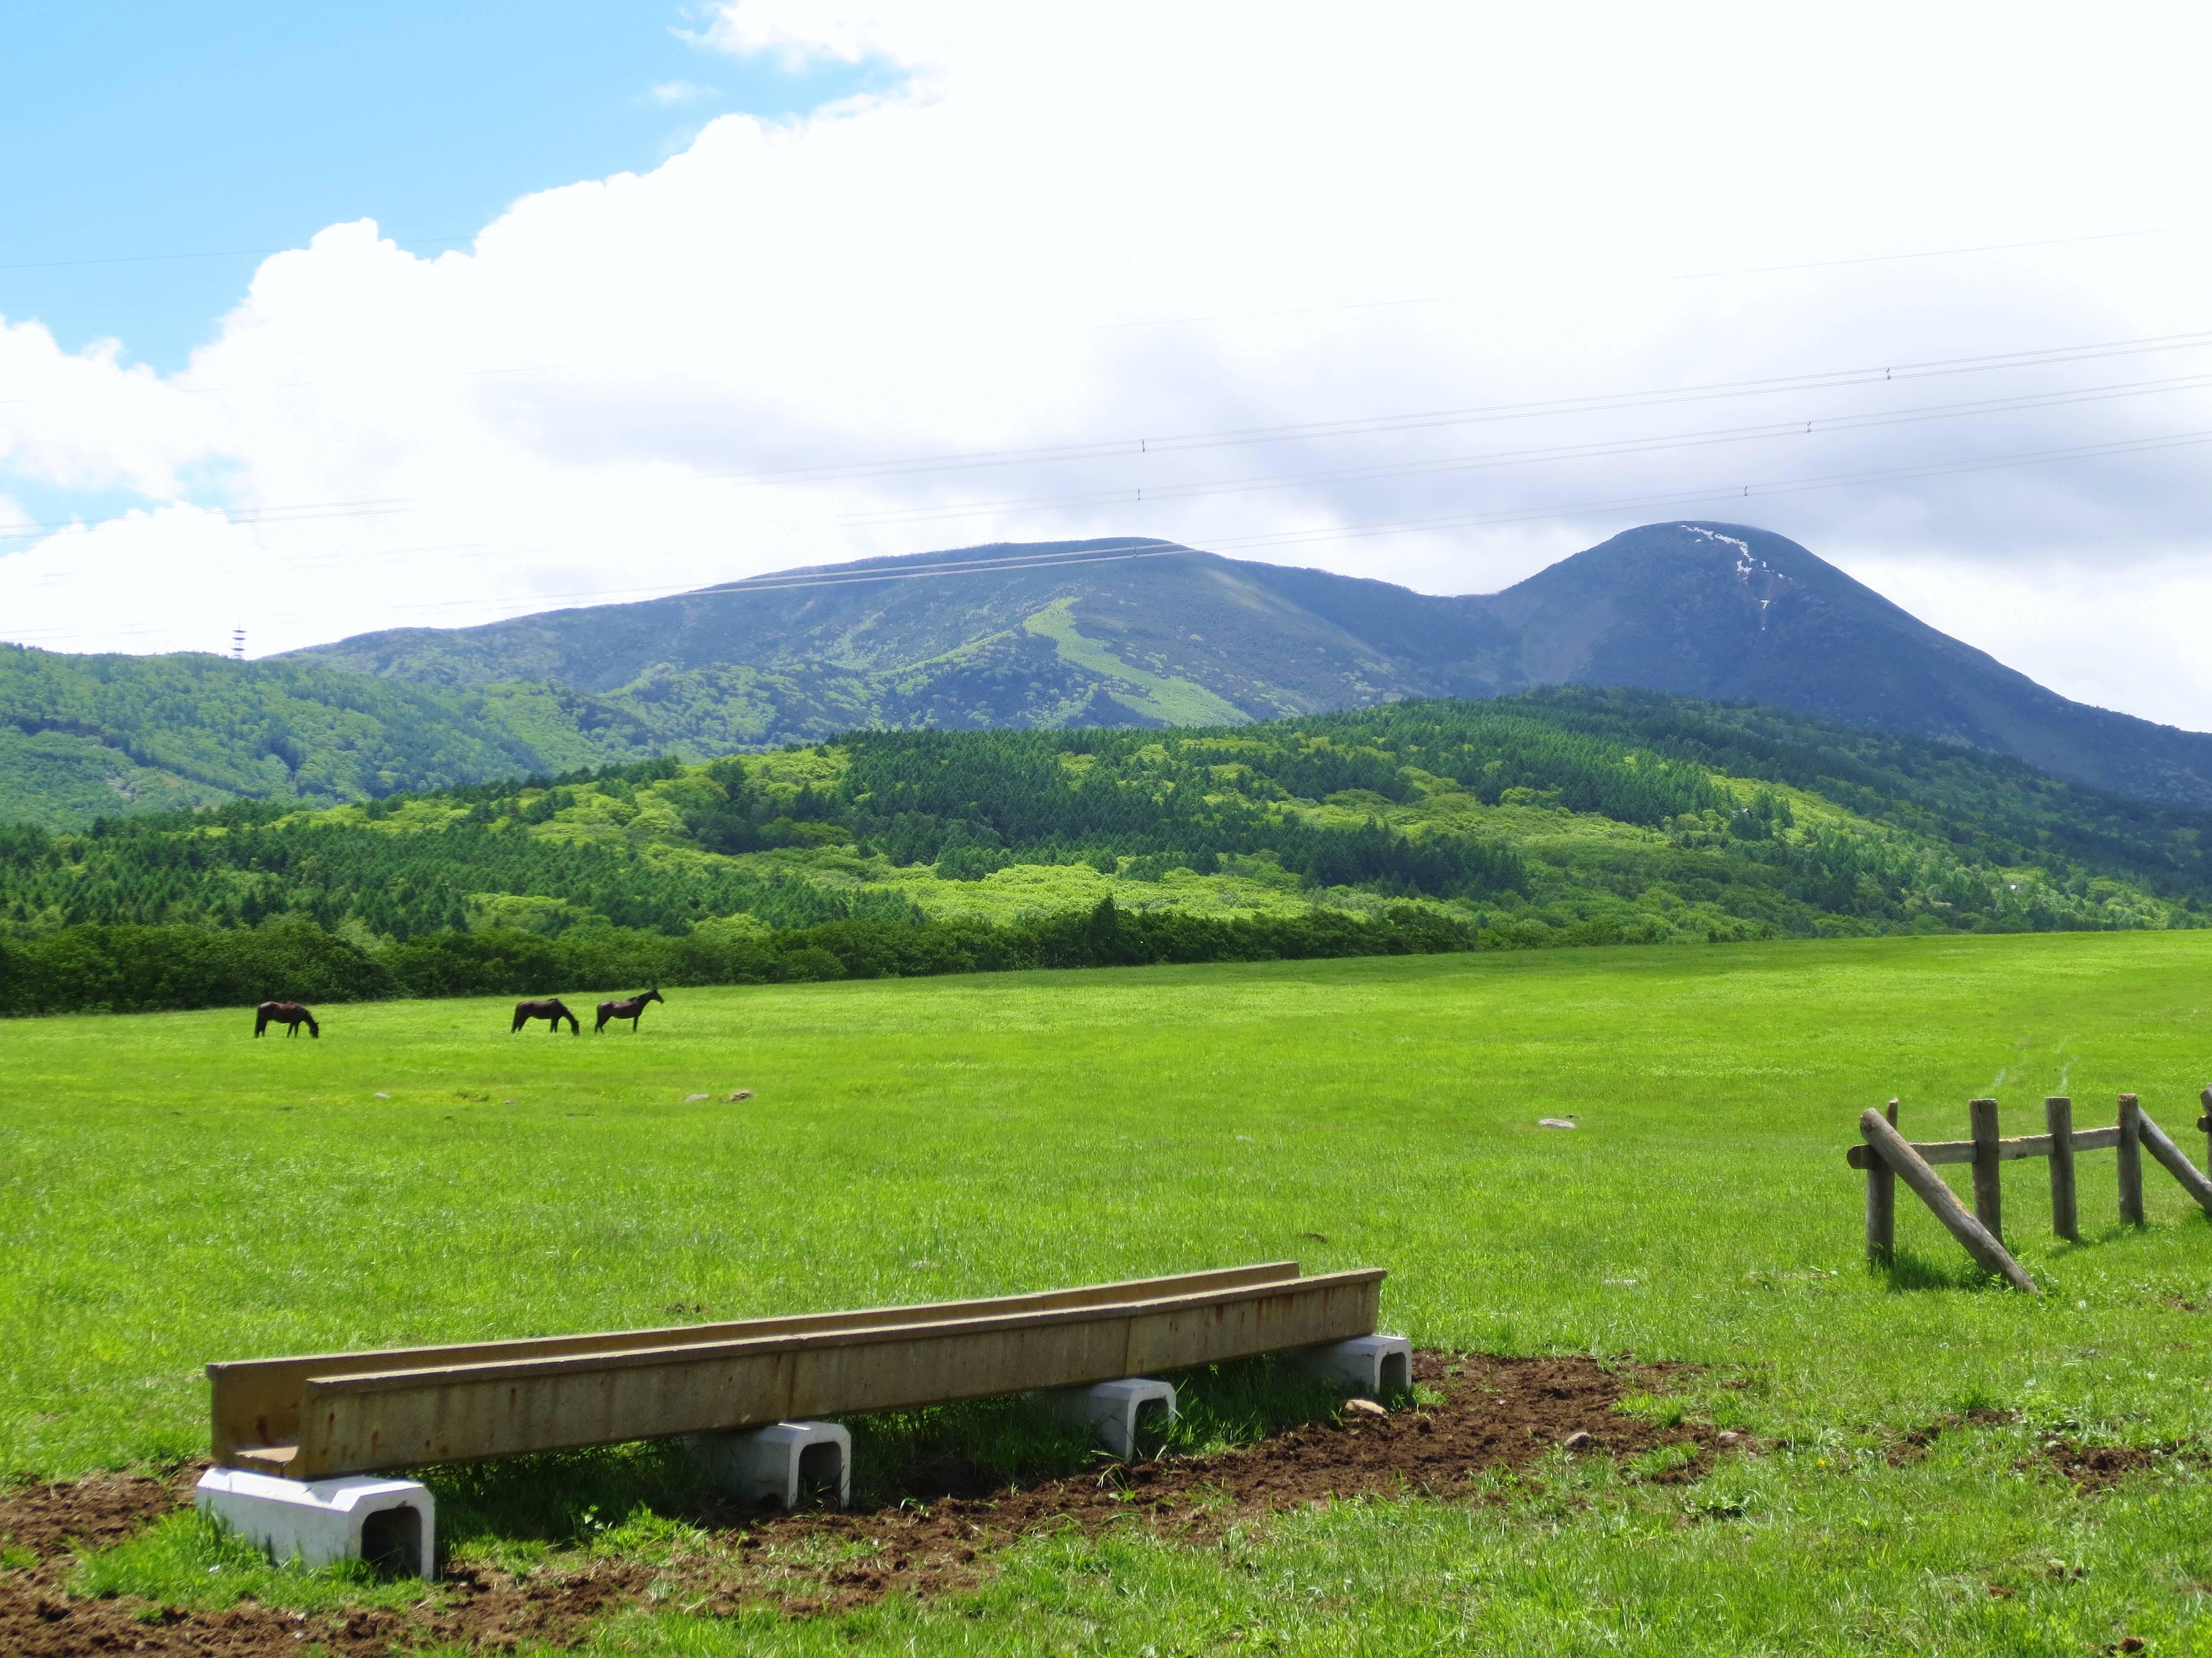 蓼科牧場のおすすめ&体験スポットをご紹介!自然に触れ合いリフレッシュ!